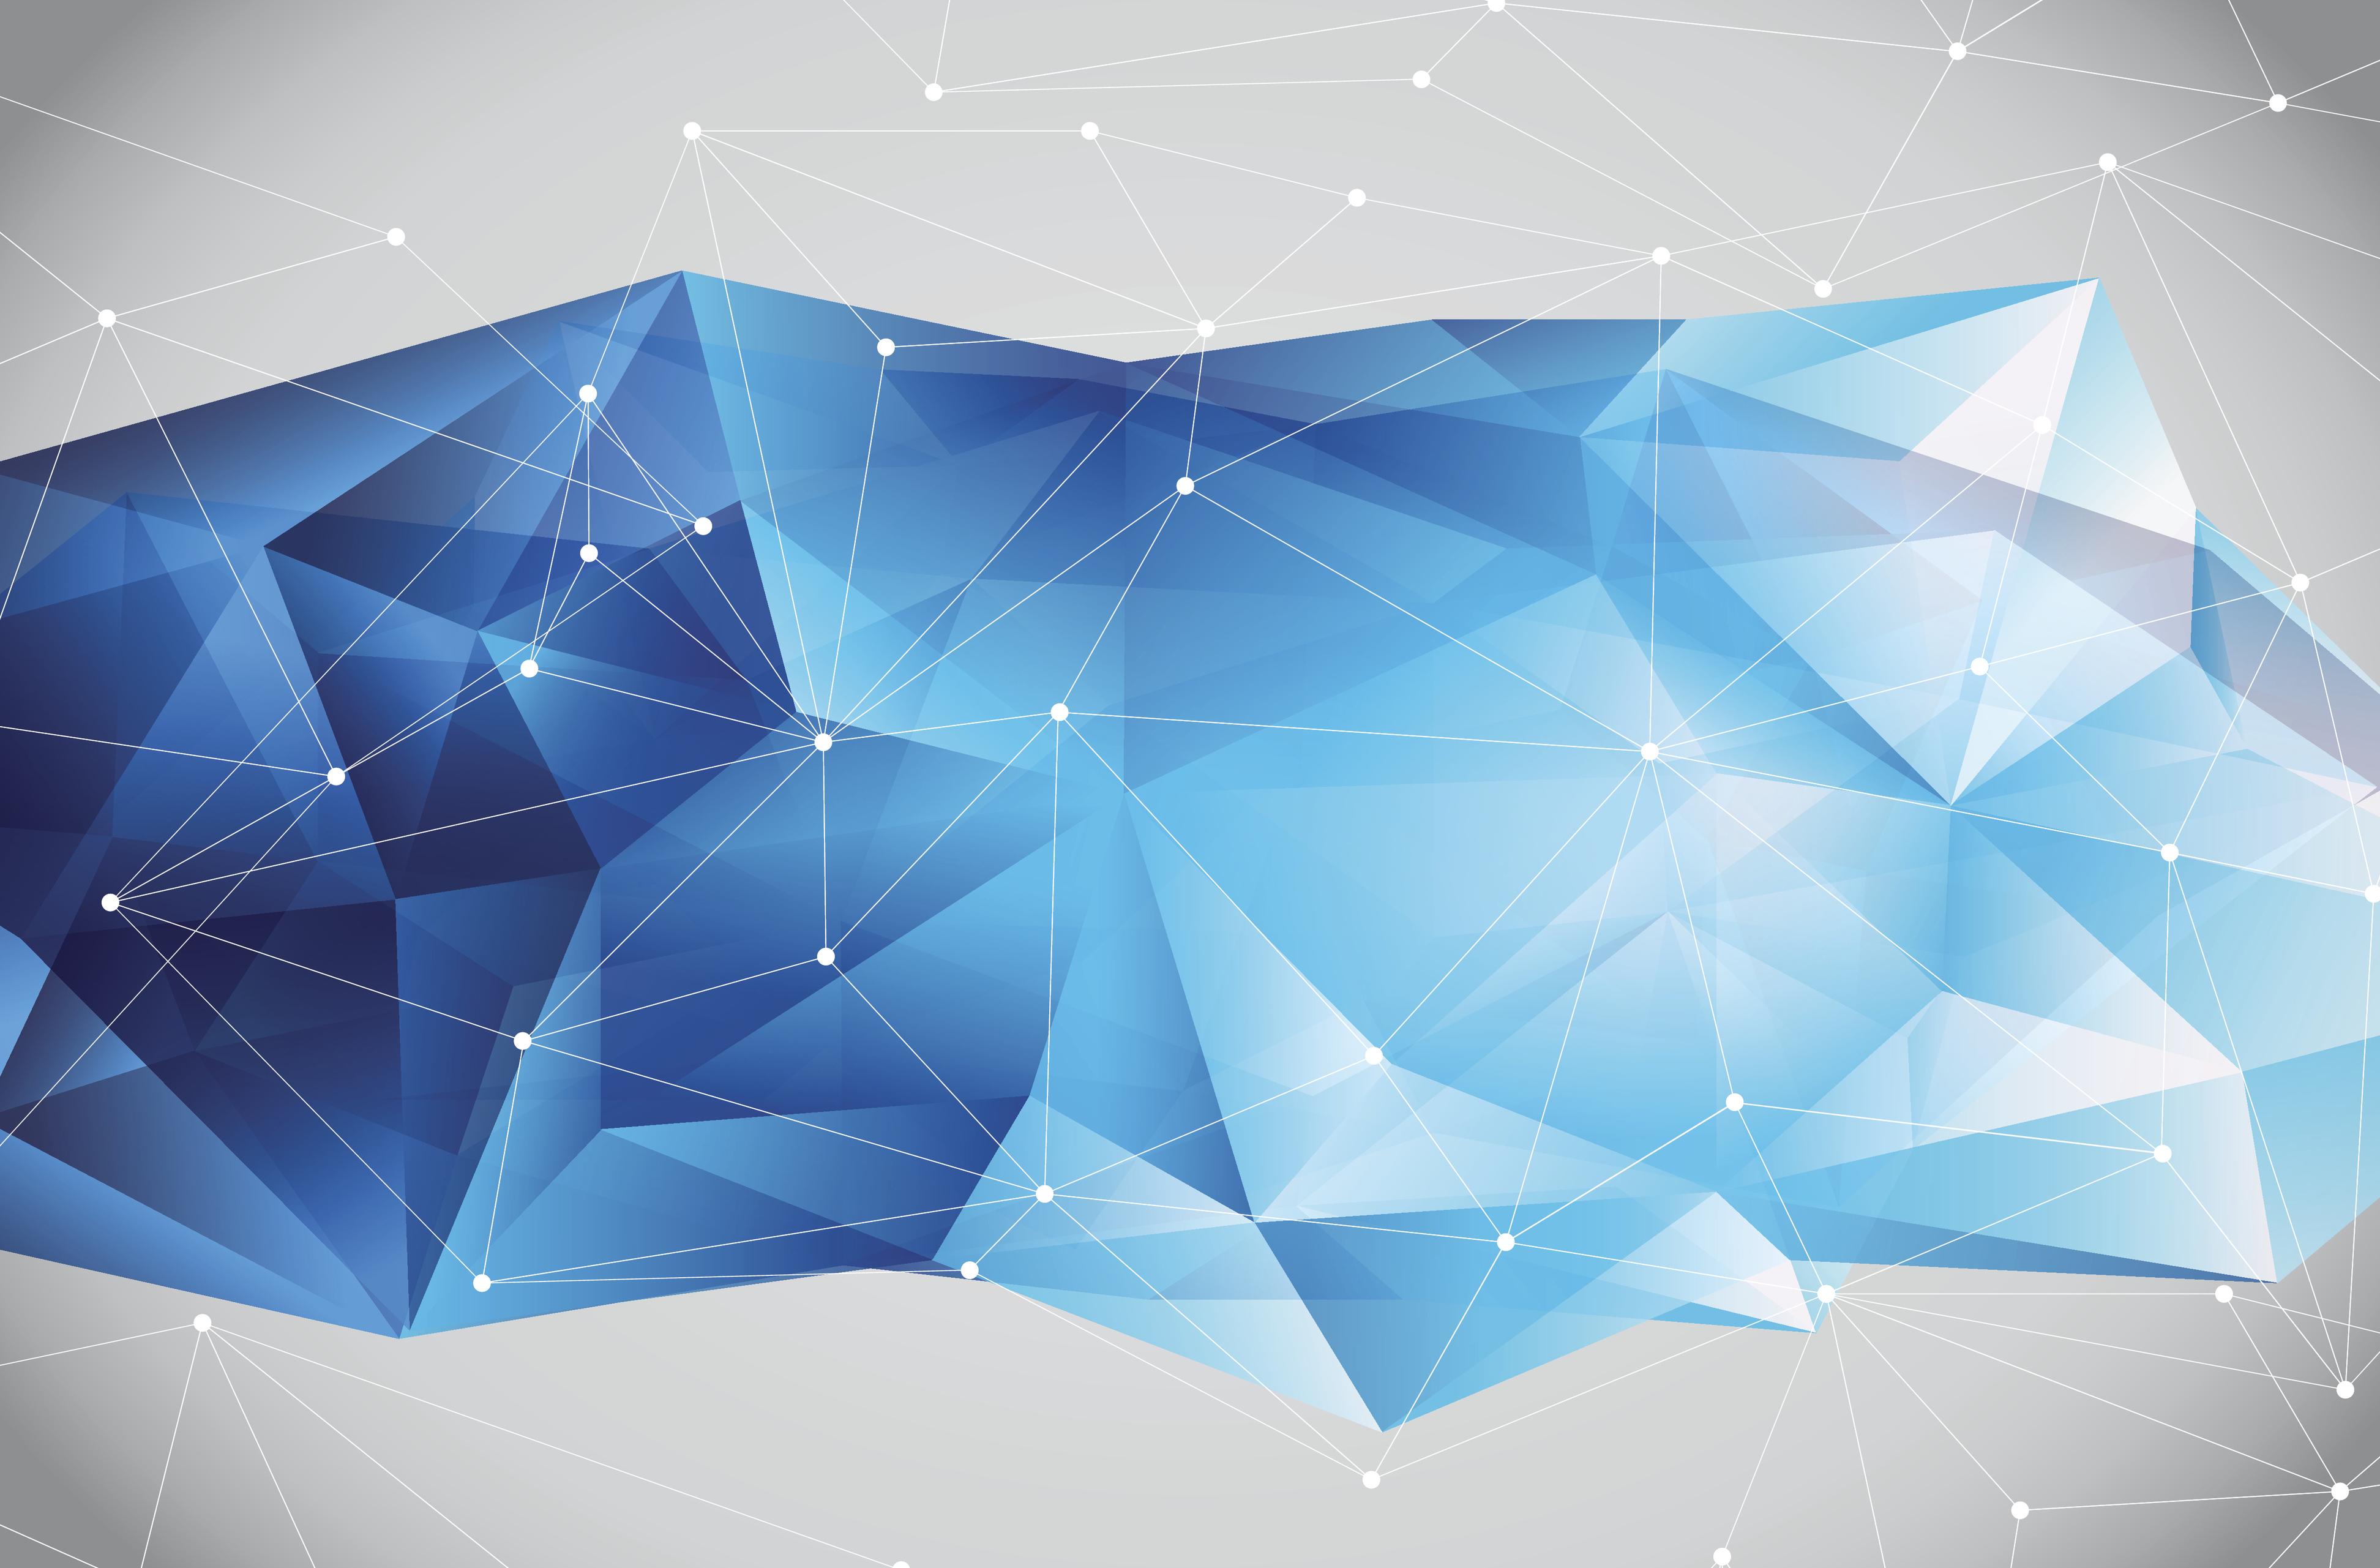 【急成長中!!有名HR Techベンチャー企業】機械学習、AIエンジニア